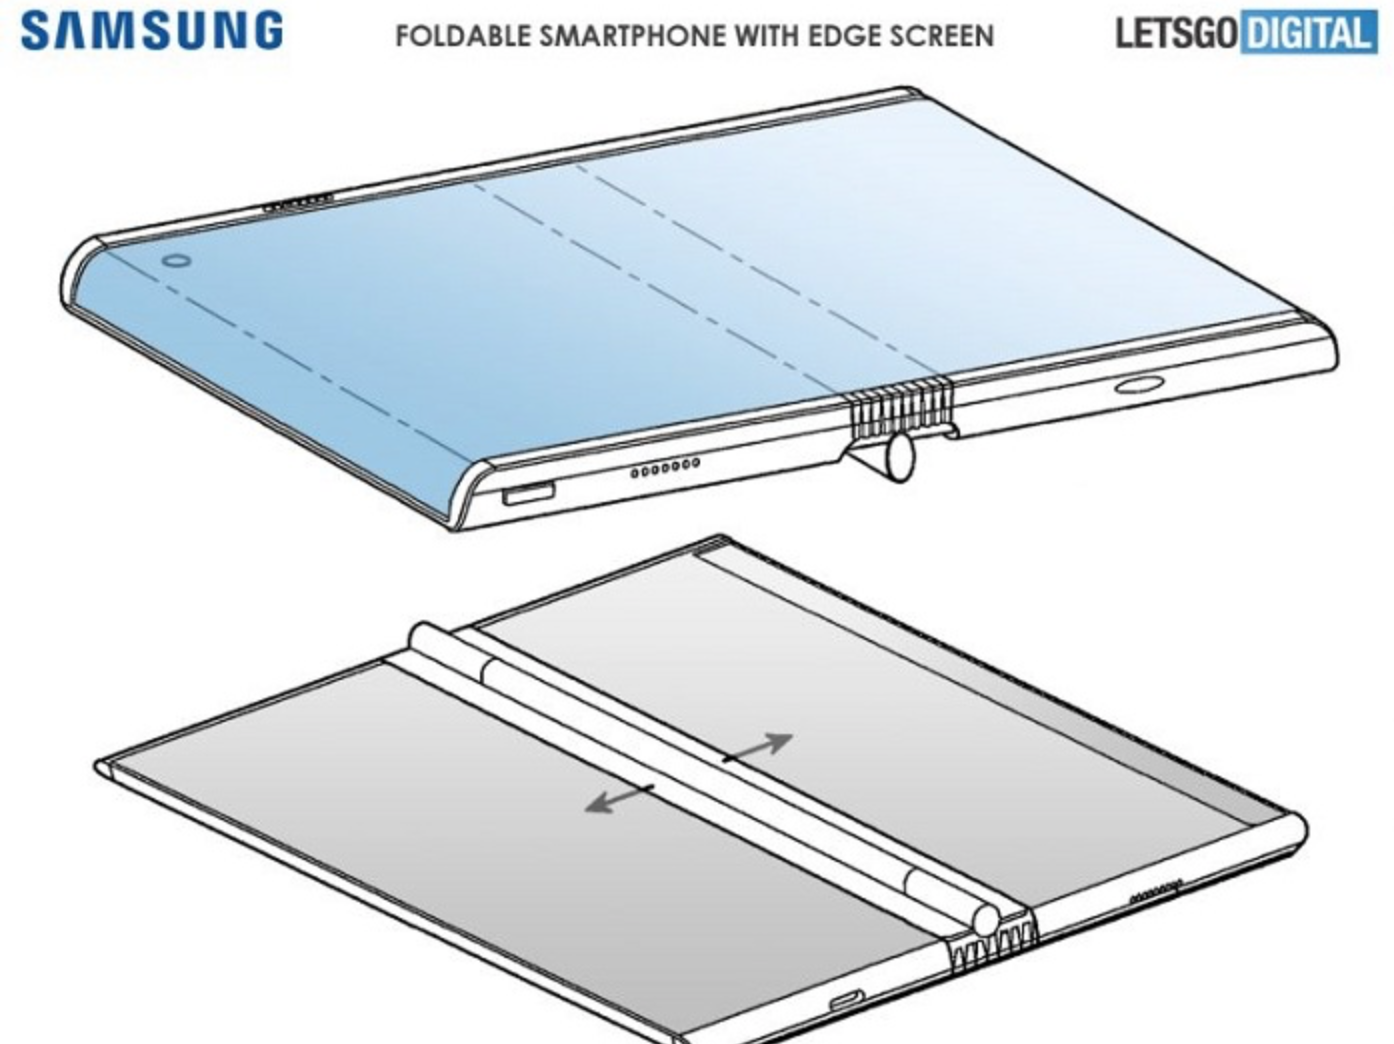 三星折叠屏手机新专利曝光:采用弧形边框设计